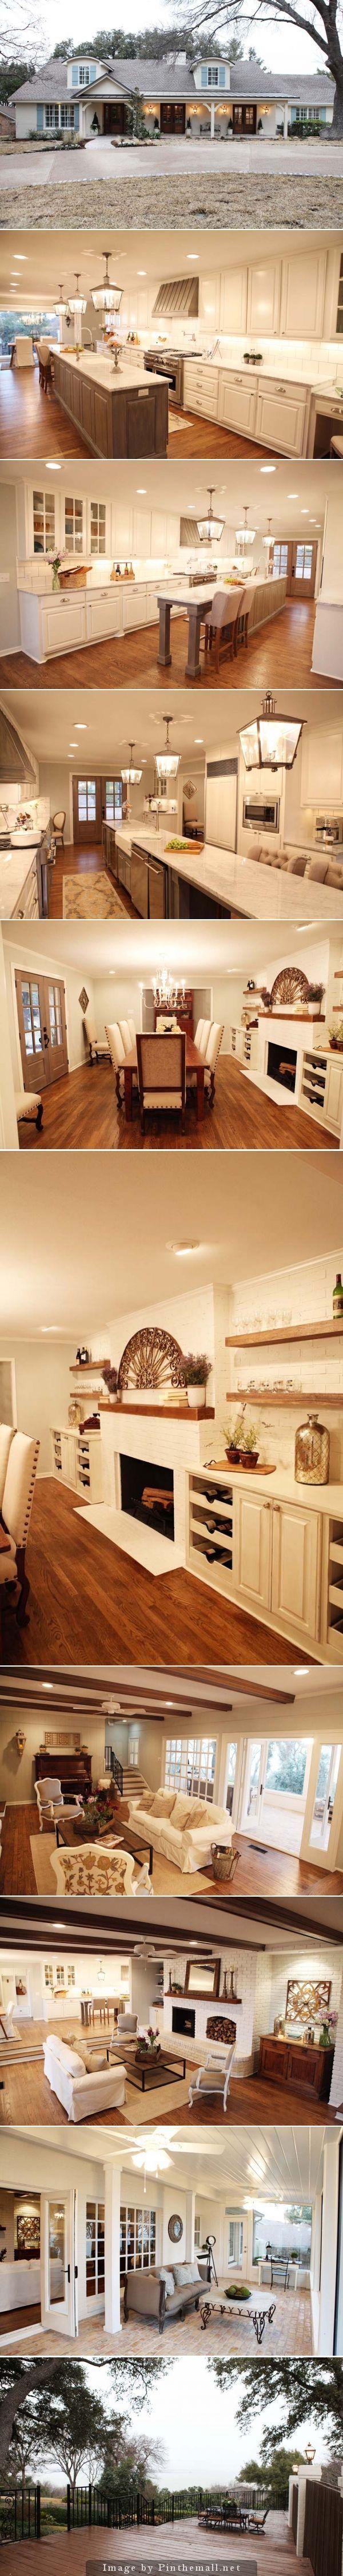 U kunt dit huis kennen uit het leuk programma; verbouw mijn huis tot droomhuis! Mooie make over gehad deze fixer upper!